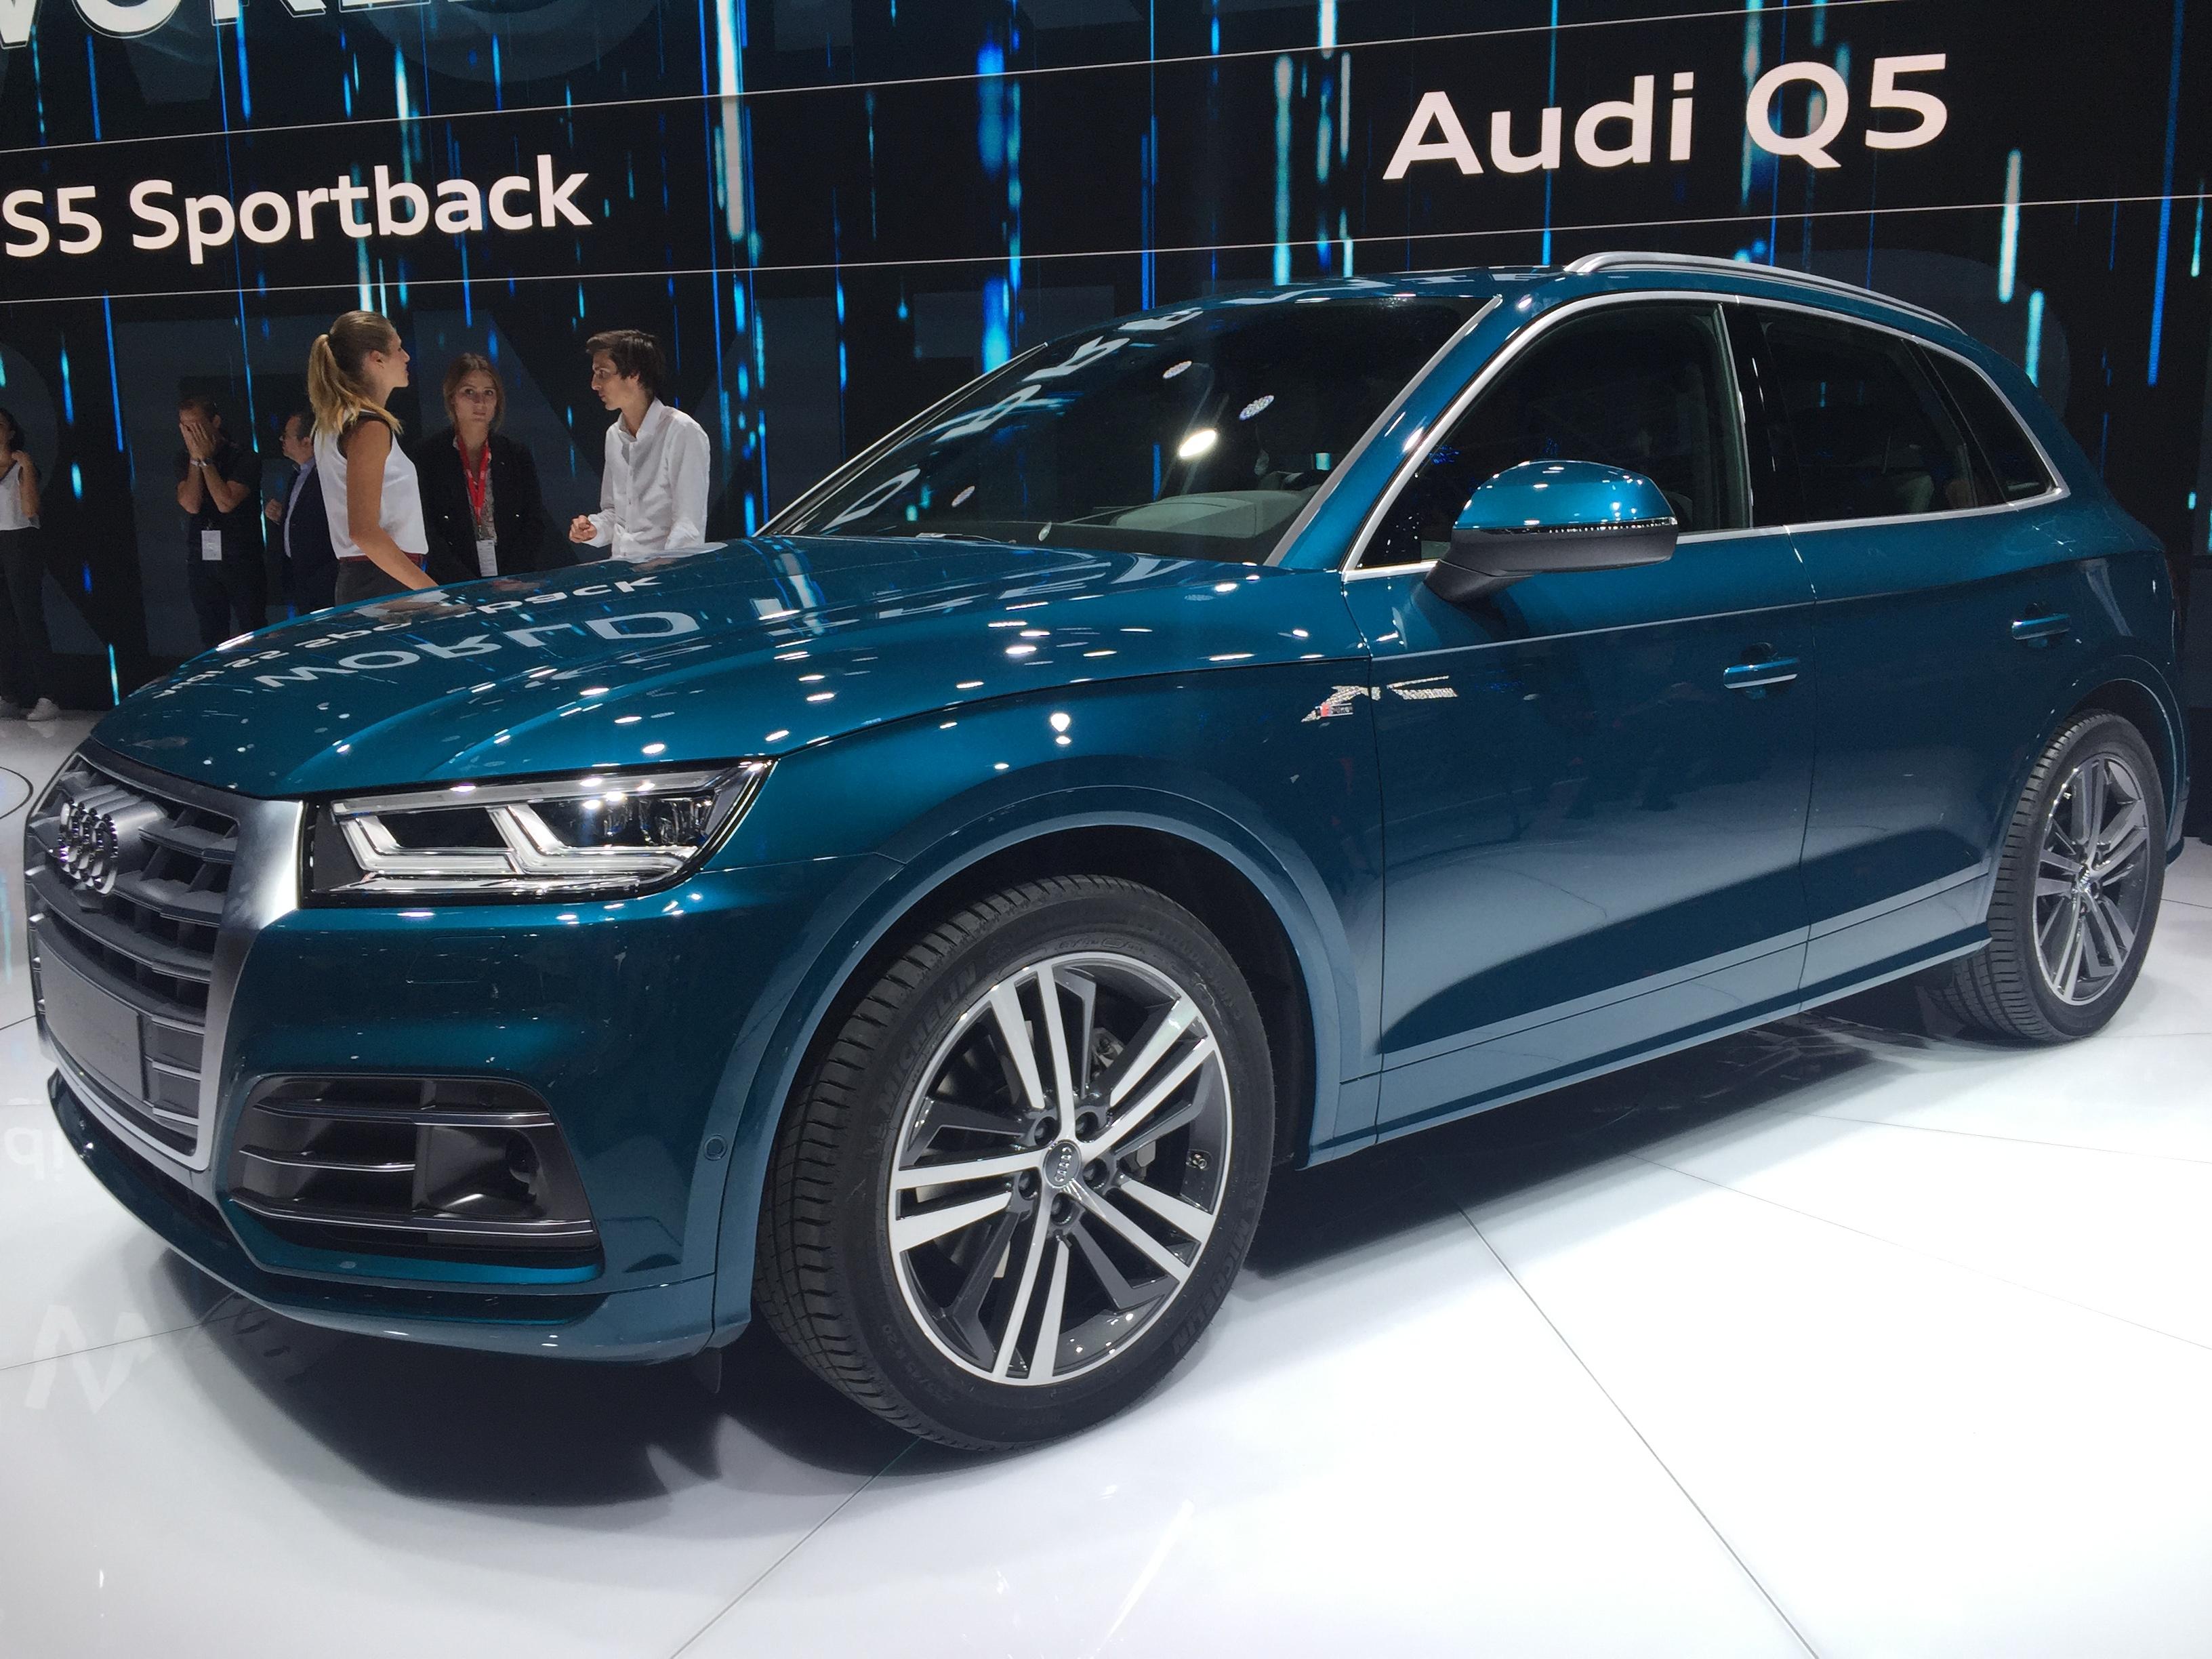 Audi Q5 Taille Patron Vido En Direct Du Mondial De